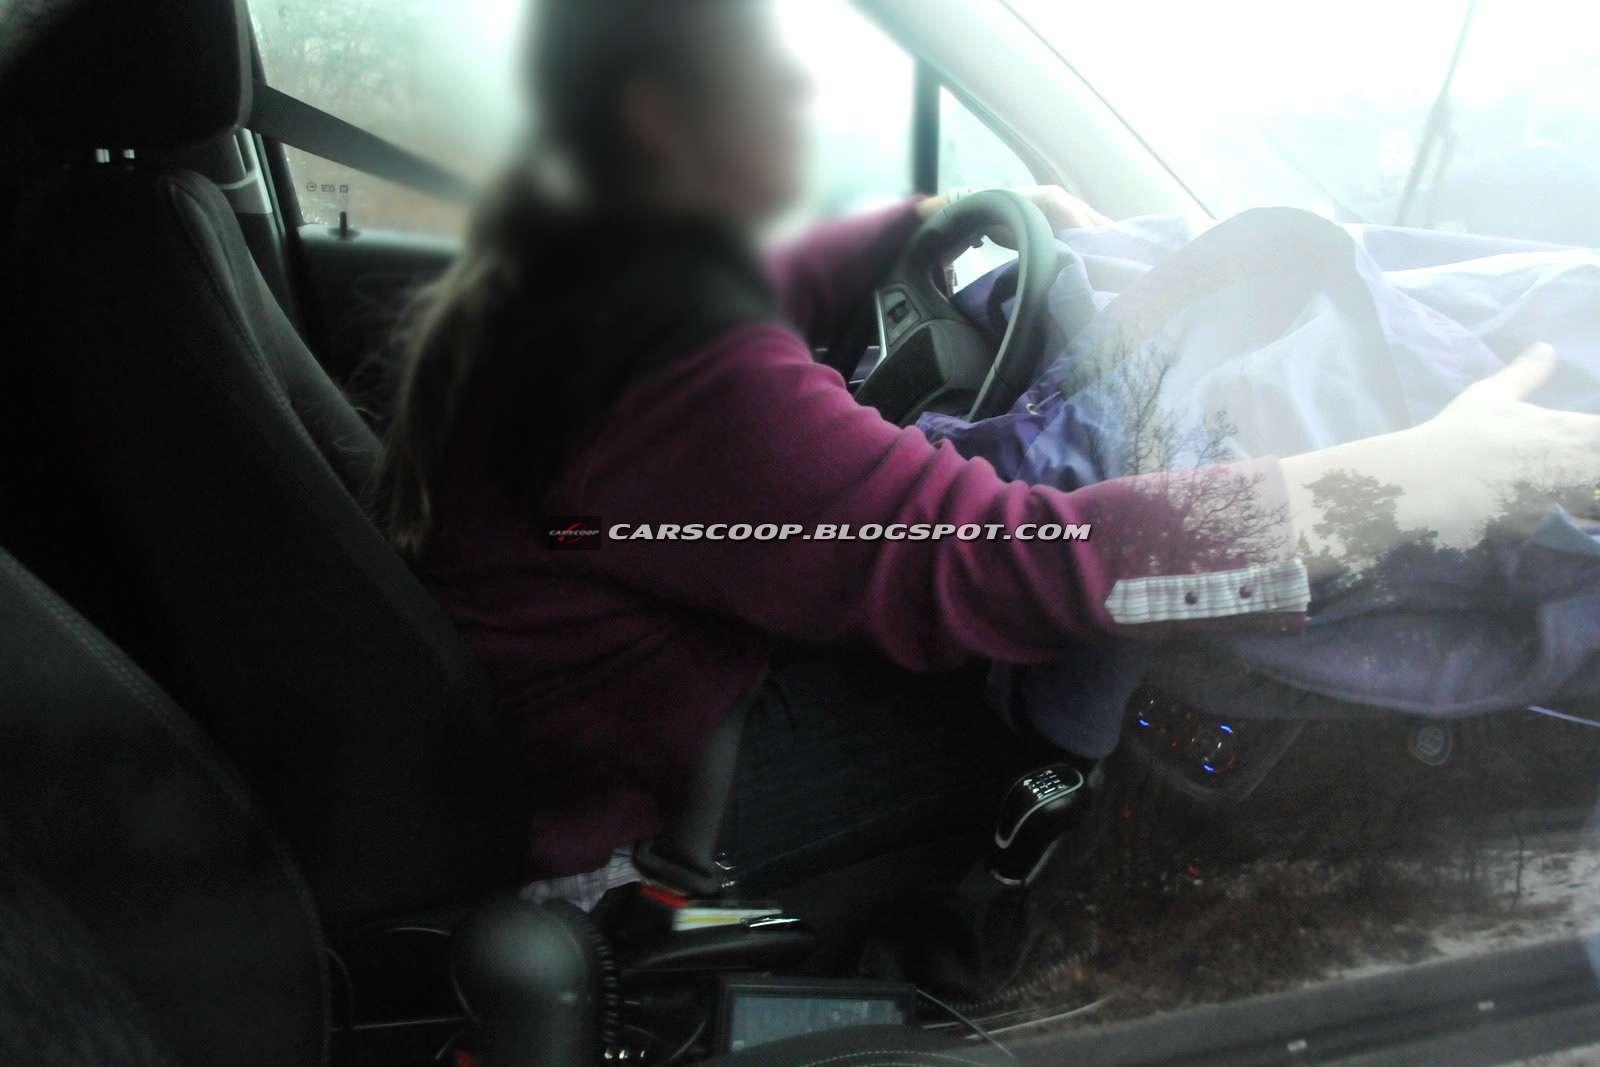 SUV od Opla napotkany na drodze carscoop luty 2011